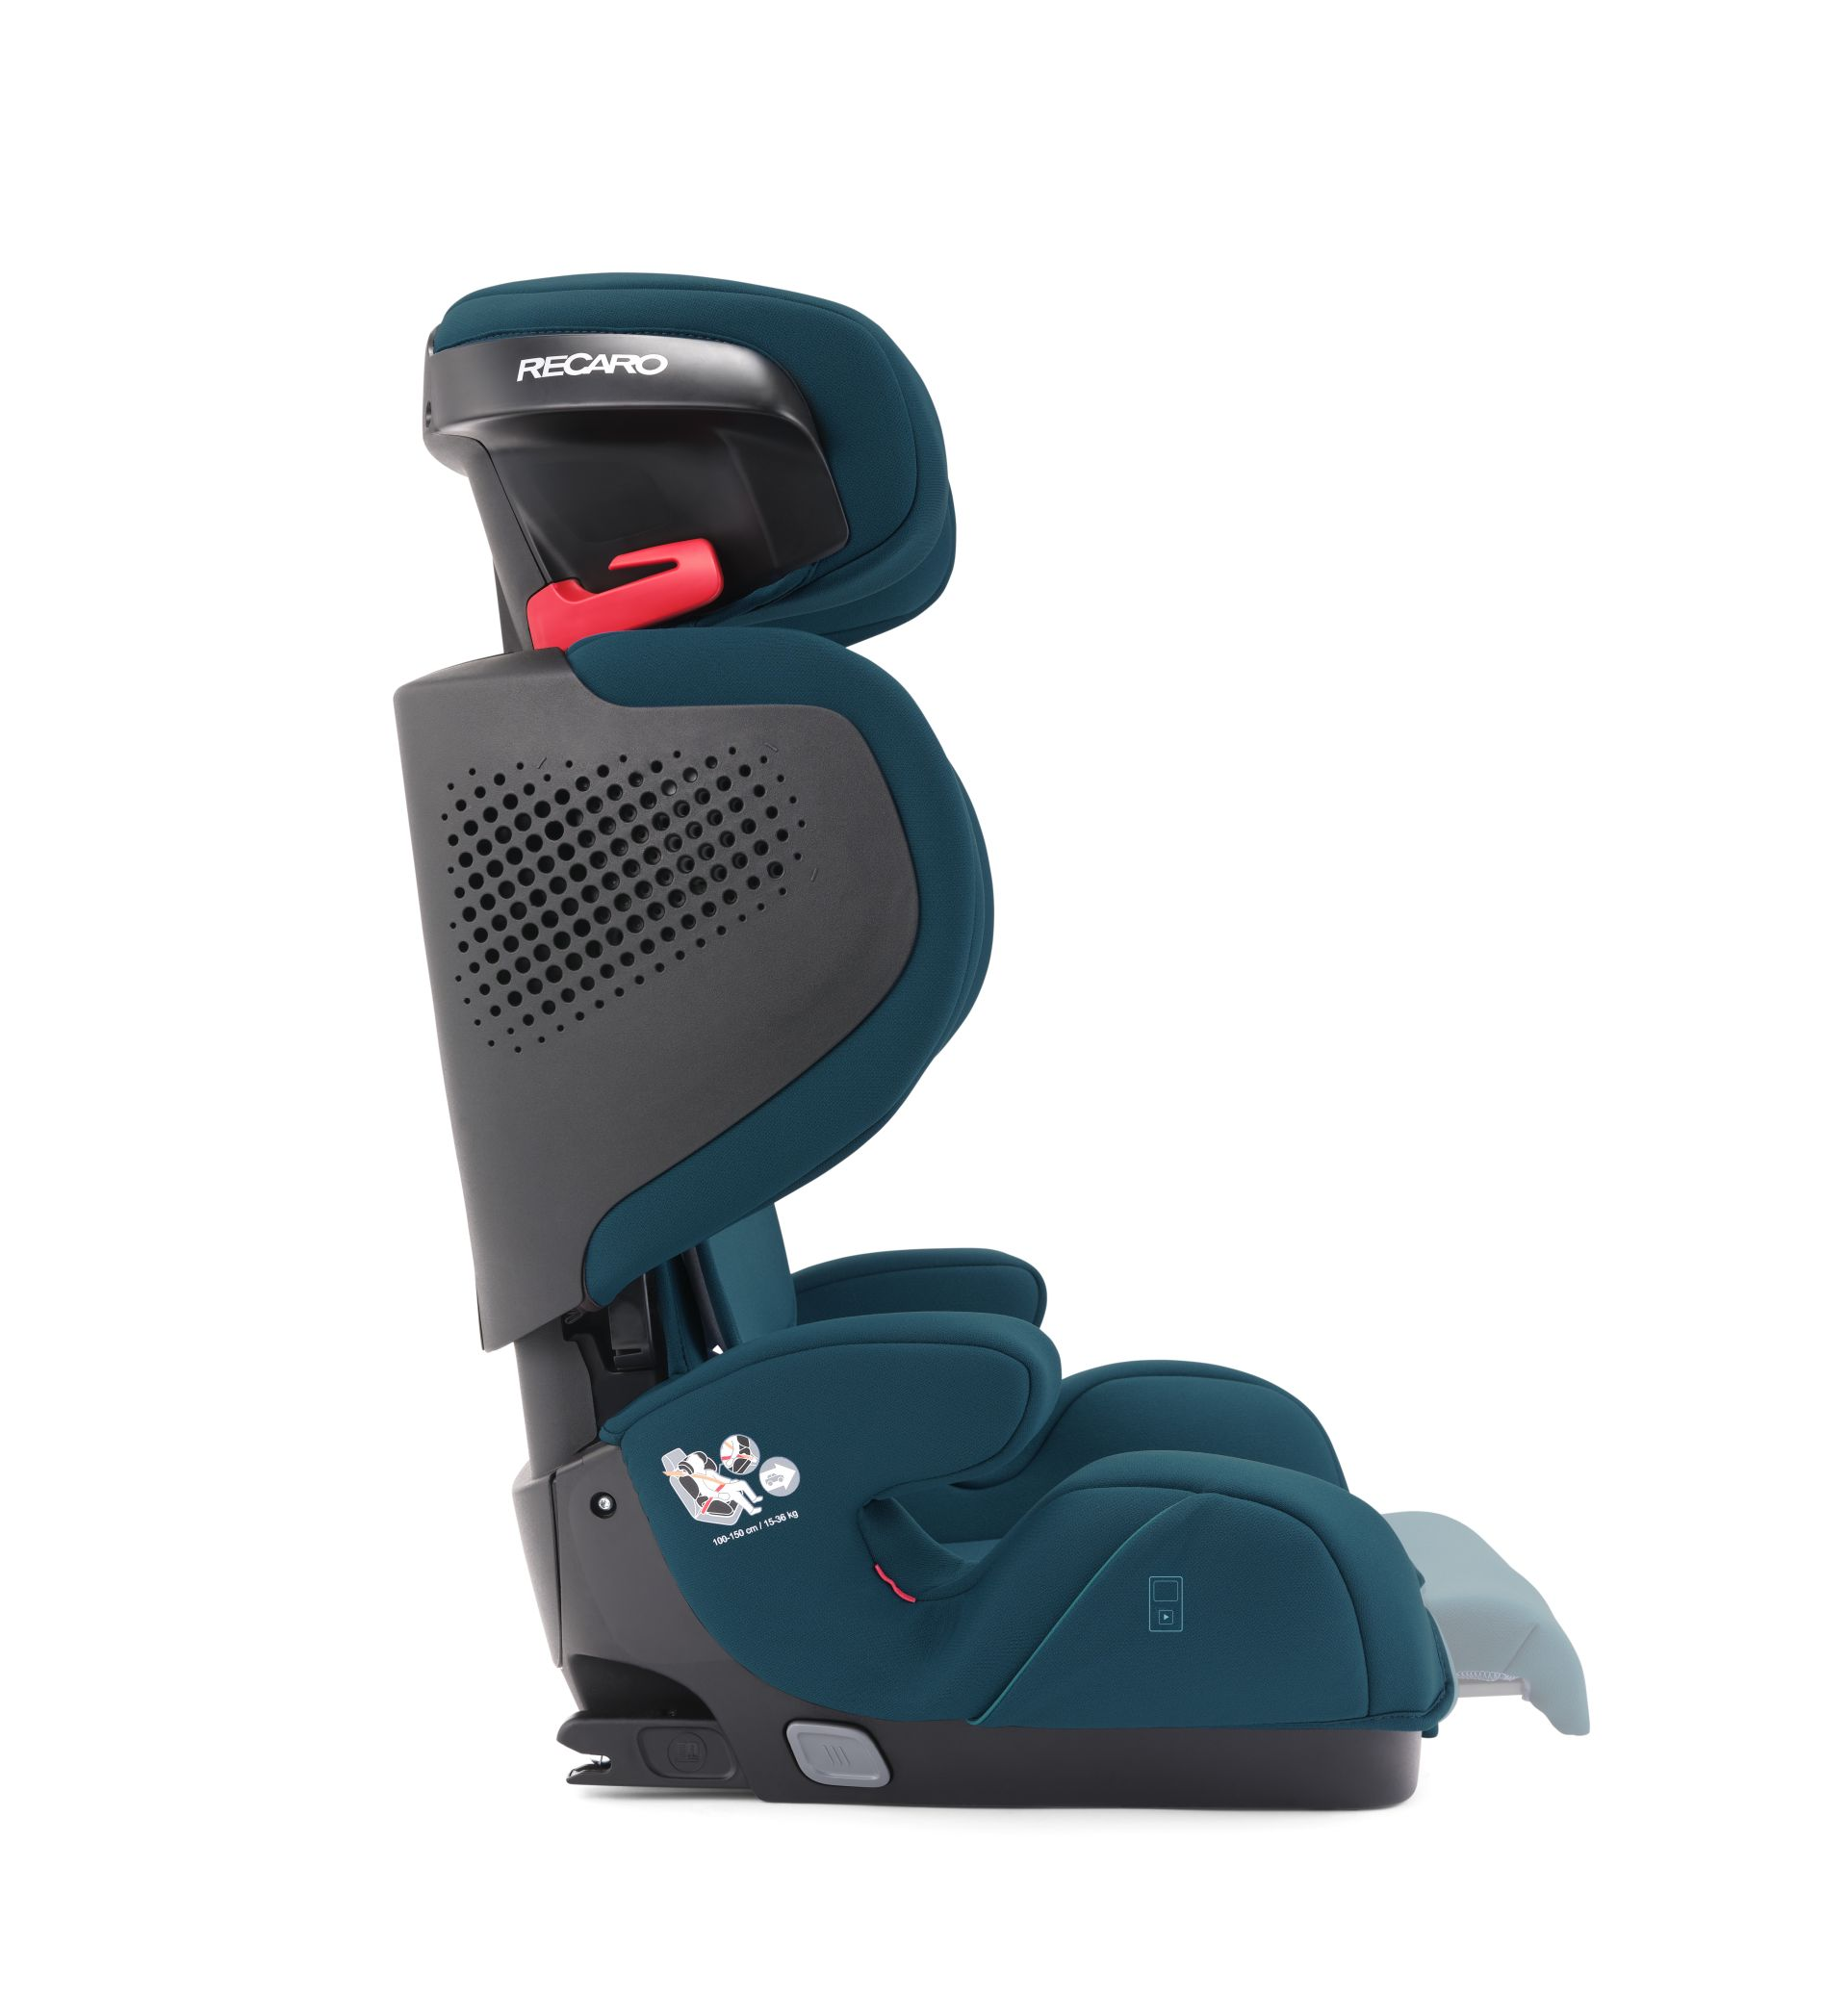 Recaro Child Car Seat Mako Elite 2 Mat, Recaro Child Car Seat Tian Elite